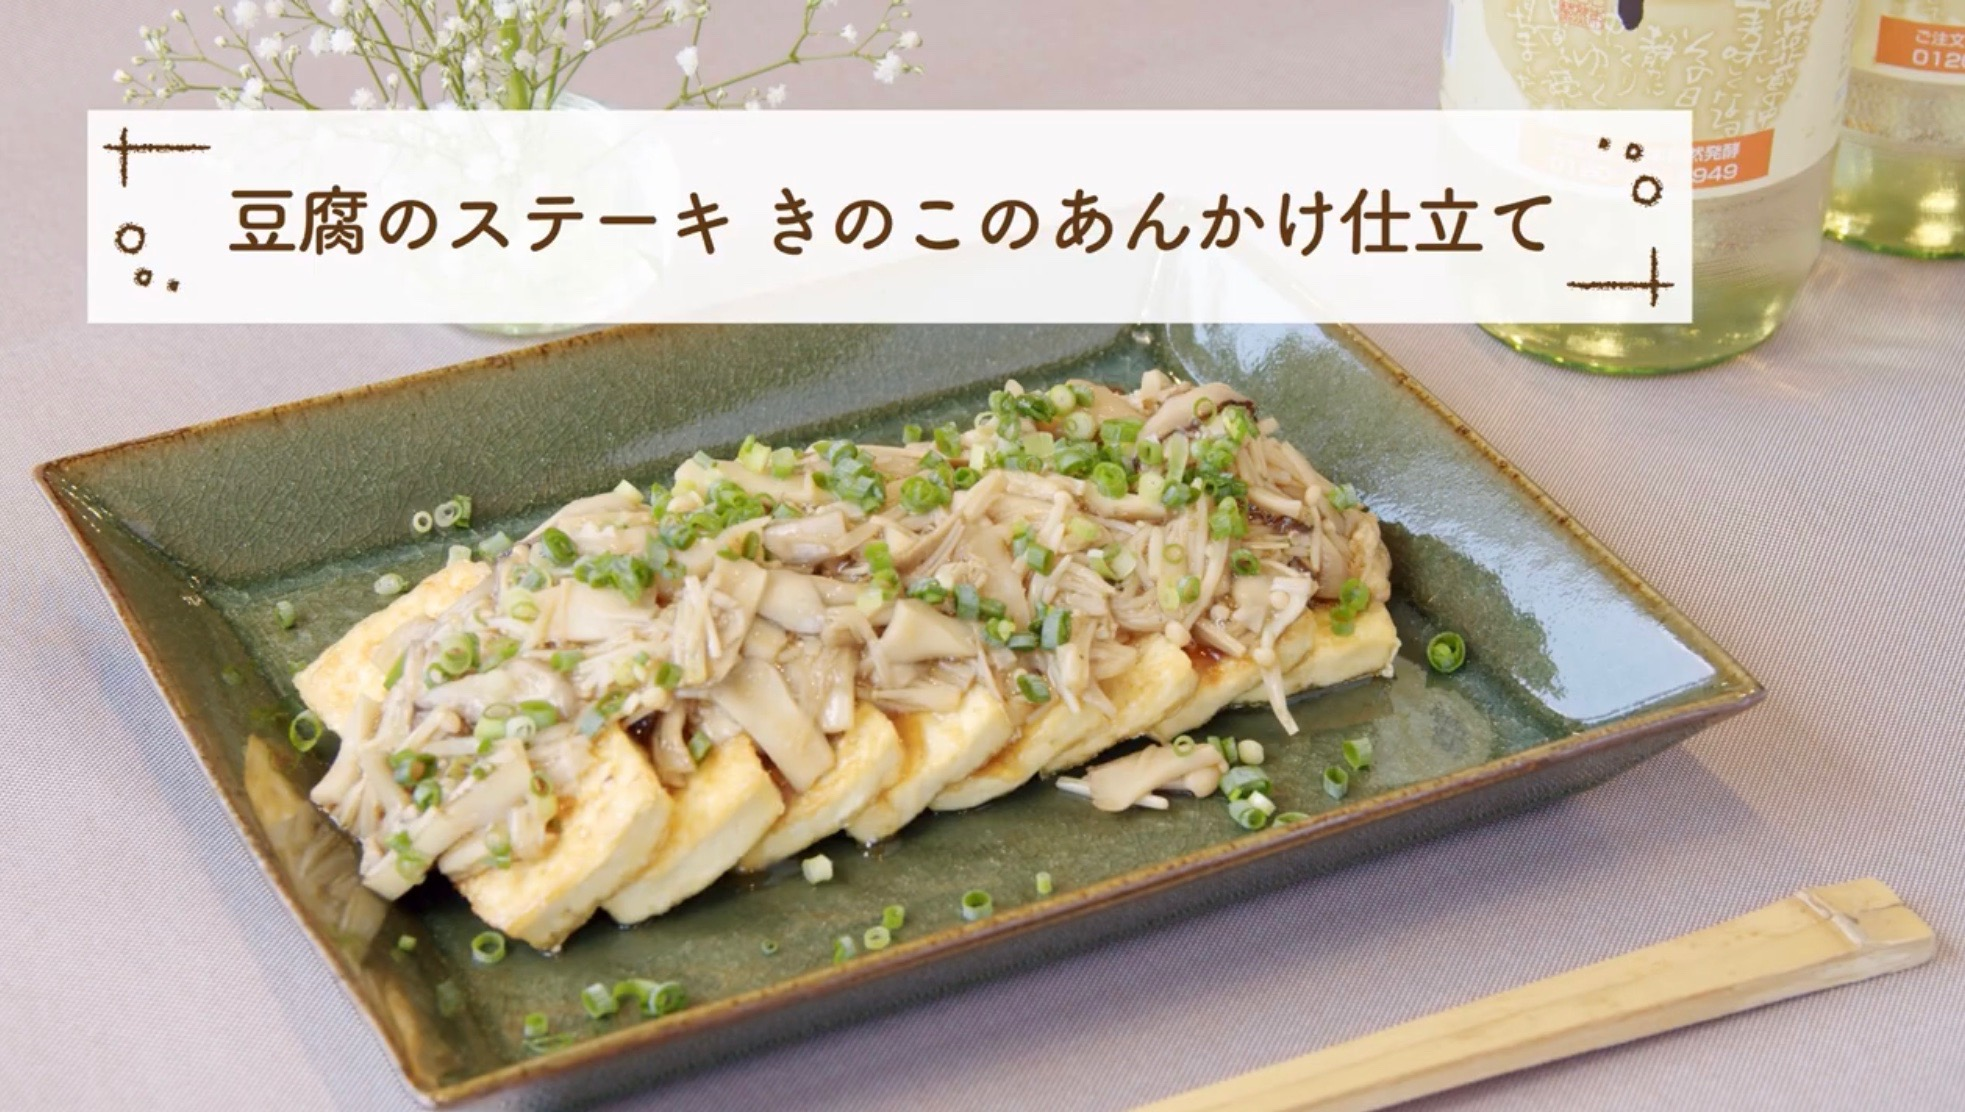 (レシピ)豆腐ステーキときのこあんかけ